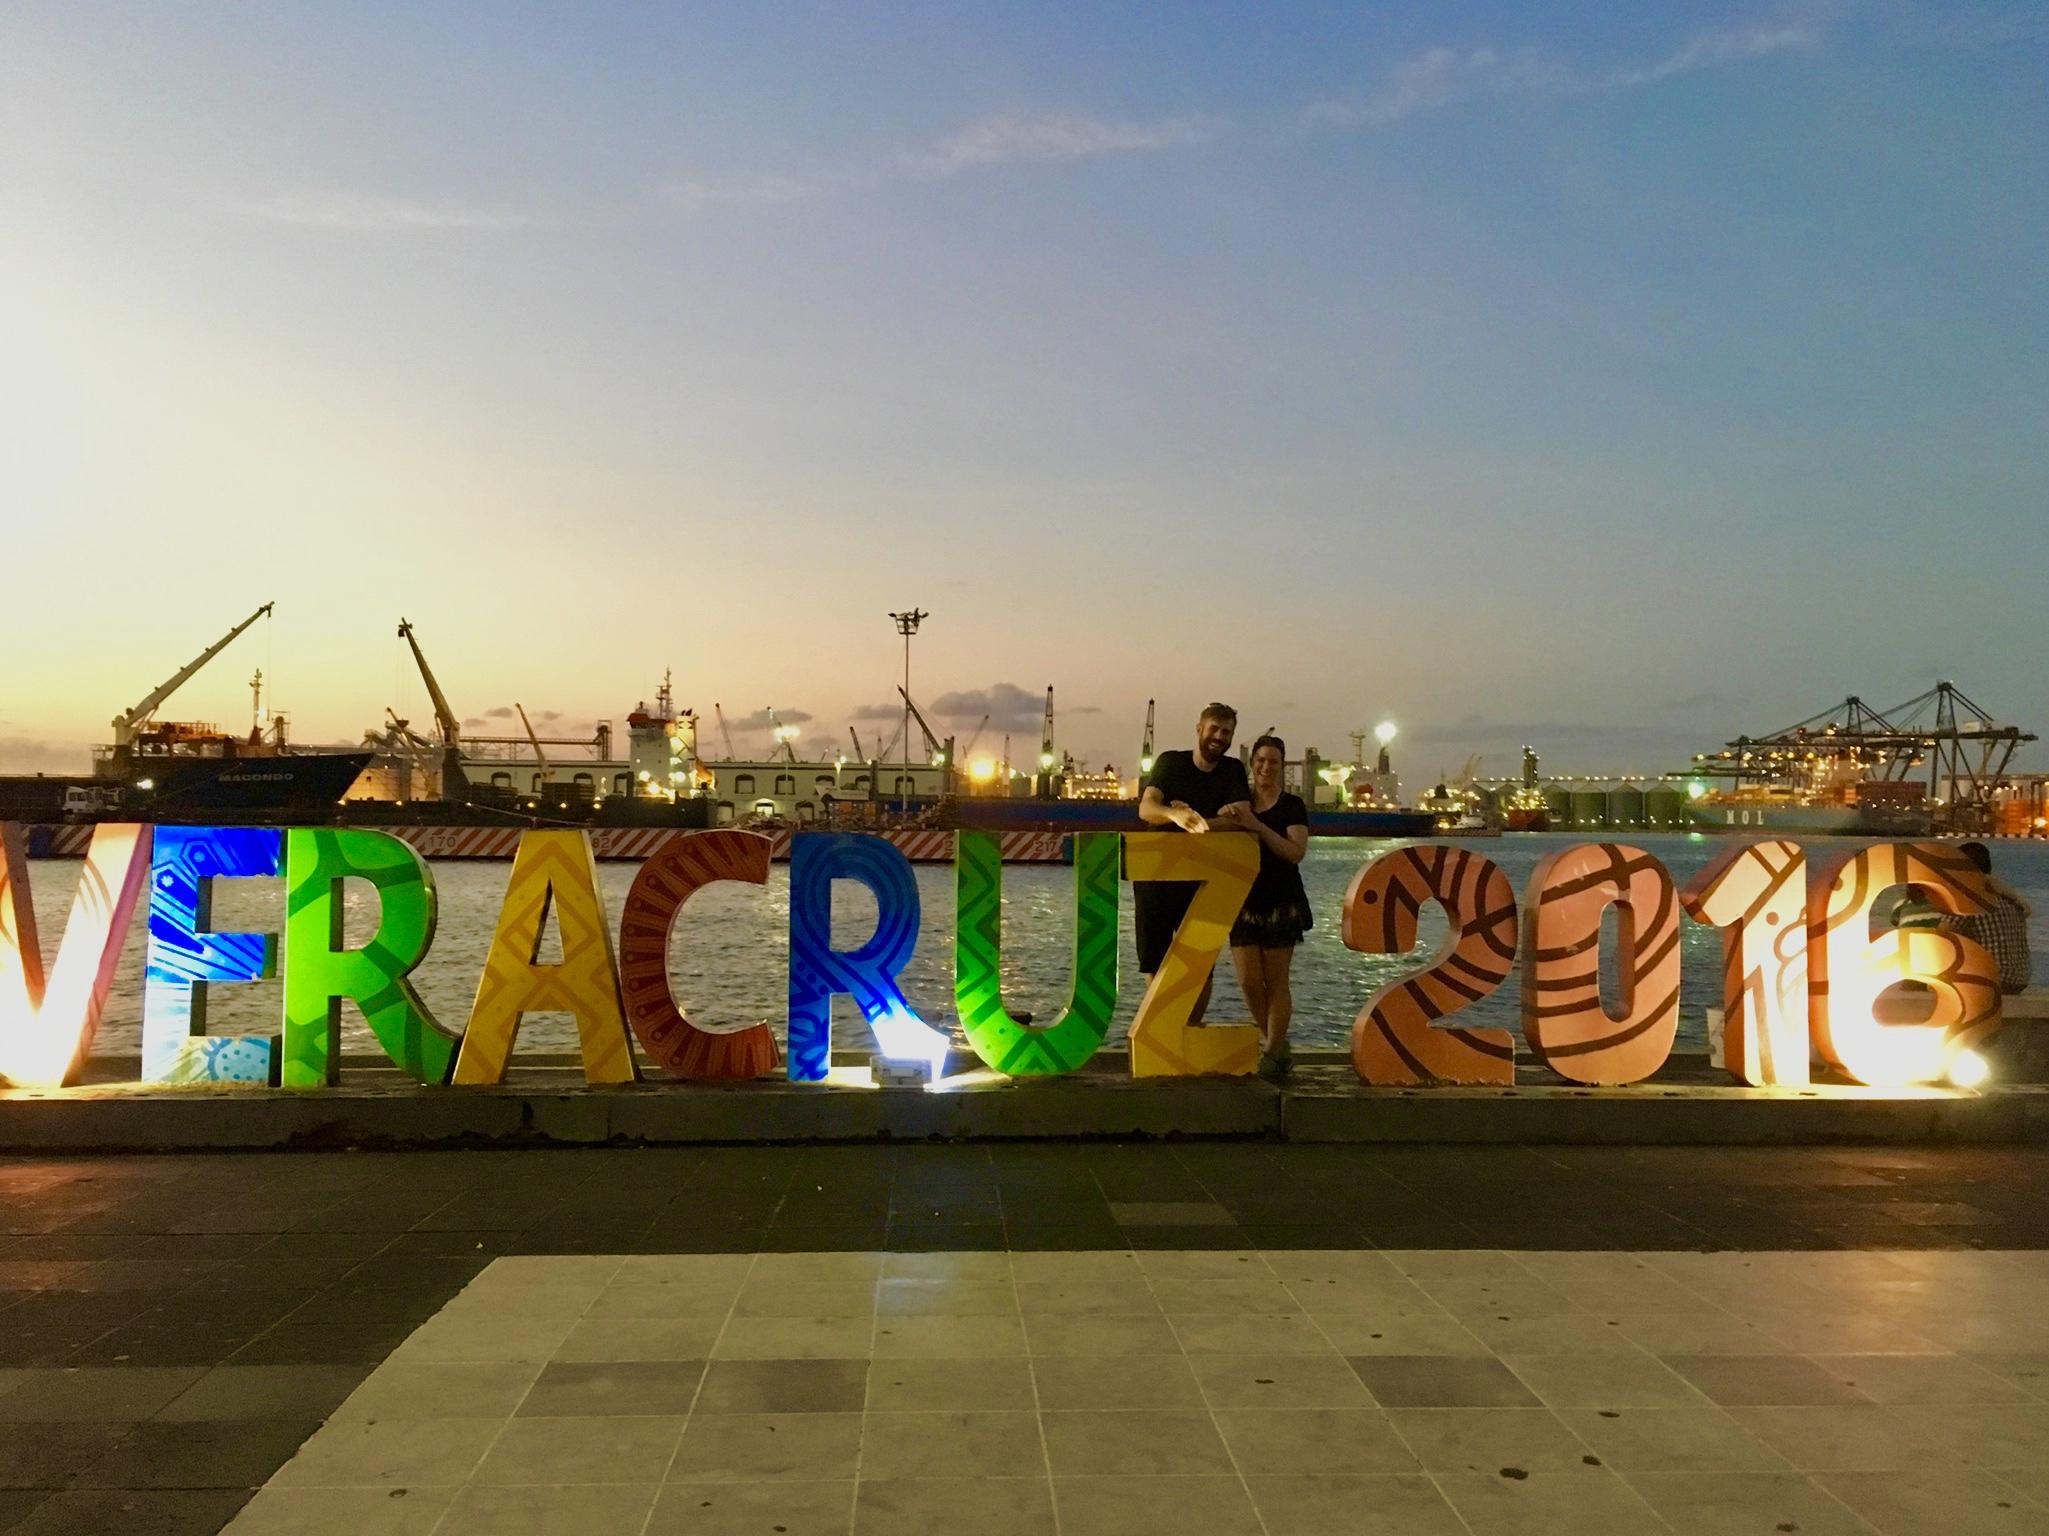 Unser letzter Halt in Mexiko: die Hafenstadt Veracruz. Hinter uns steht irgendwo Wilma auf dem großen Hafengelände und wartet auf den Abtransport nach Kolumbien.